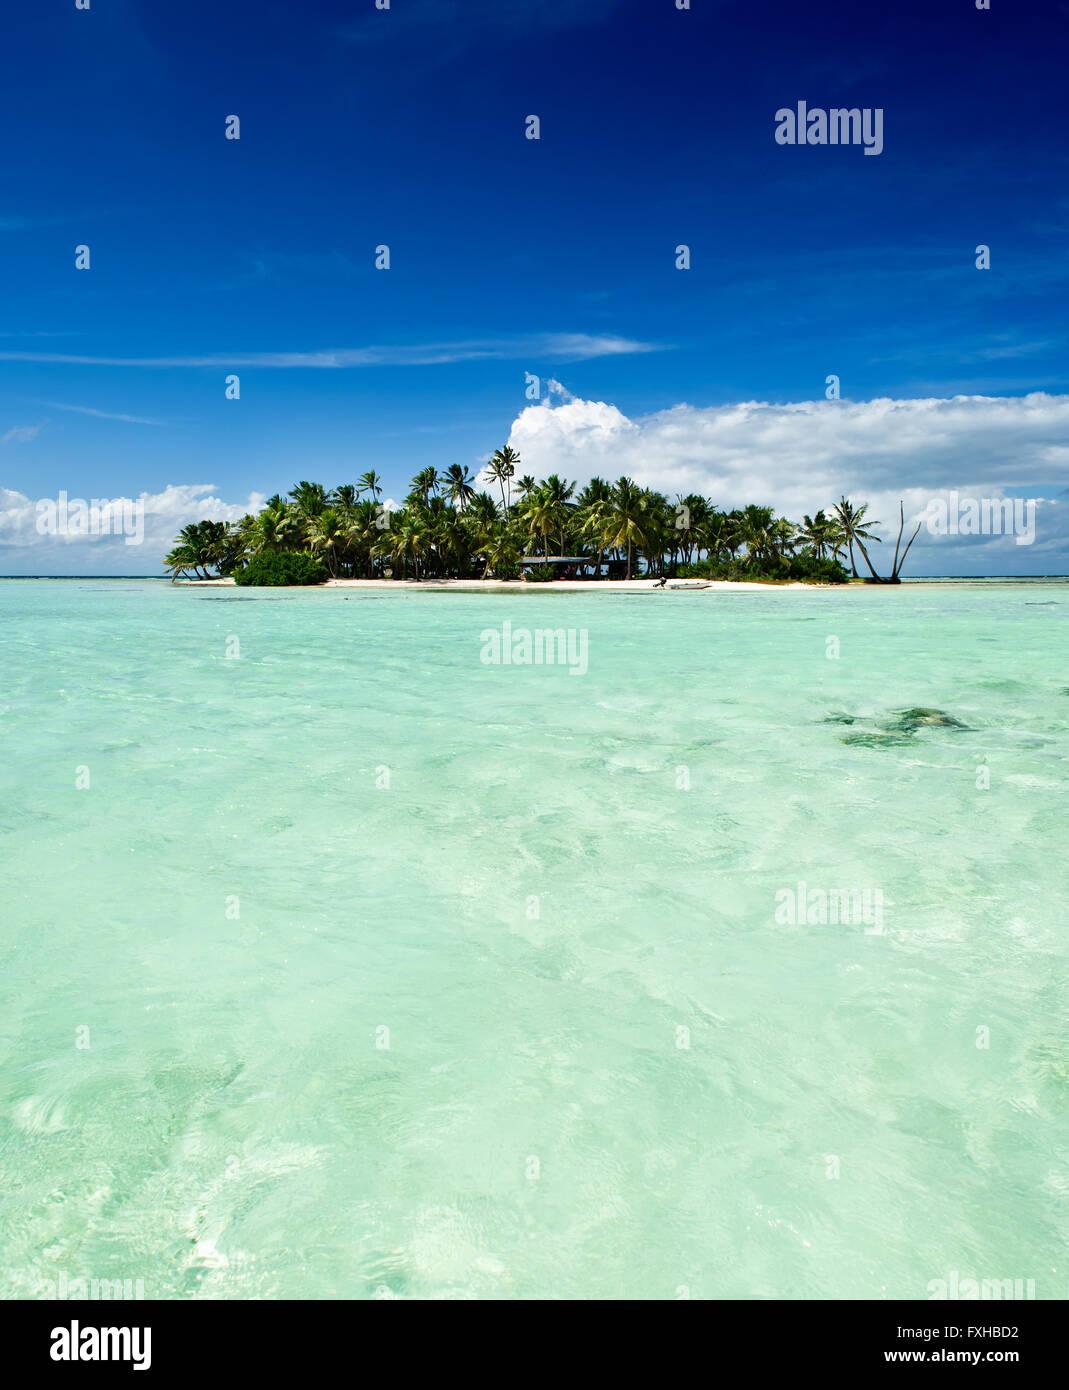 Tropical o deshabitada isla desierta con playa y palmeras en la Laguna Azul dentro del atolón de Rangiroa, Imagen De Stock